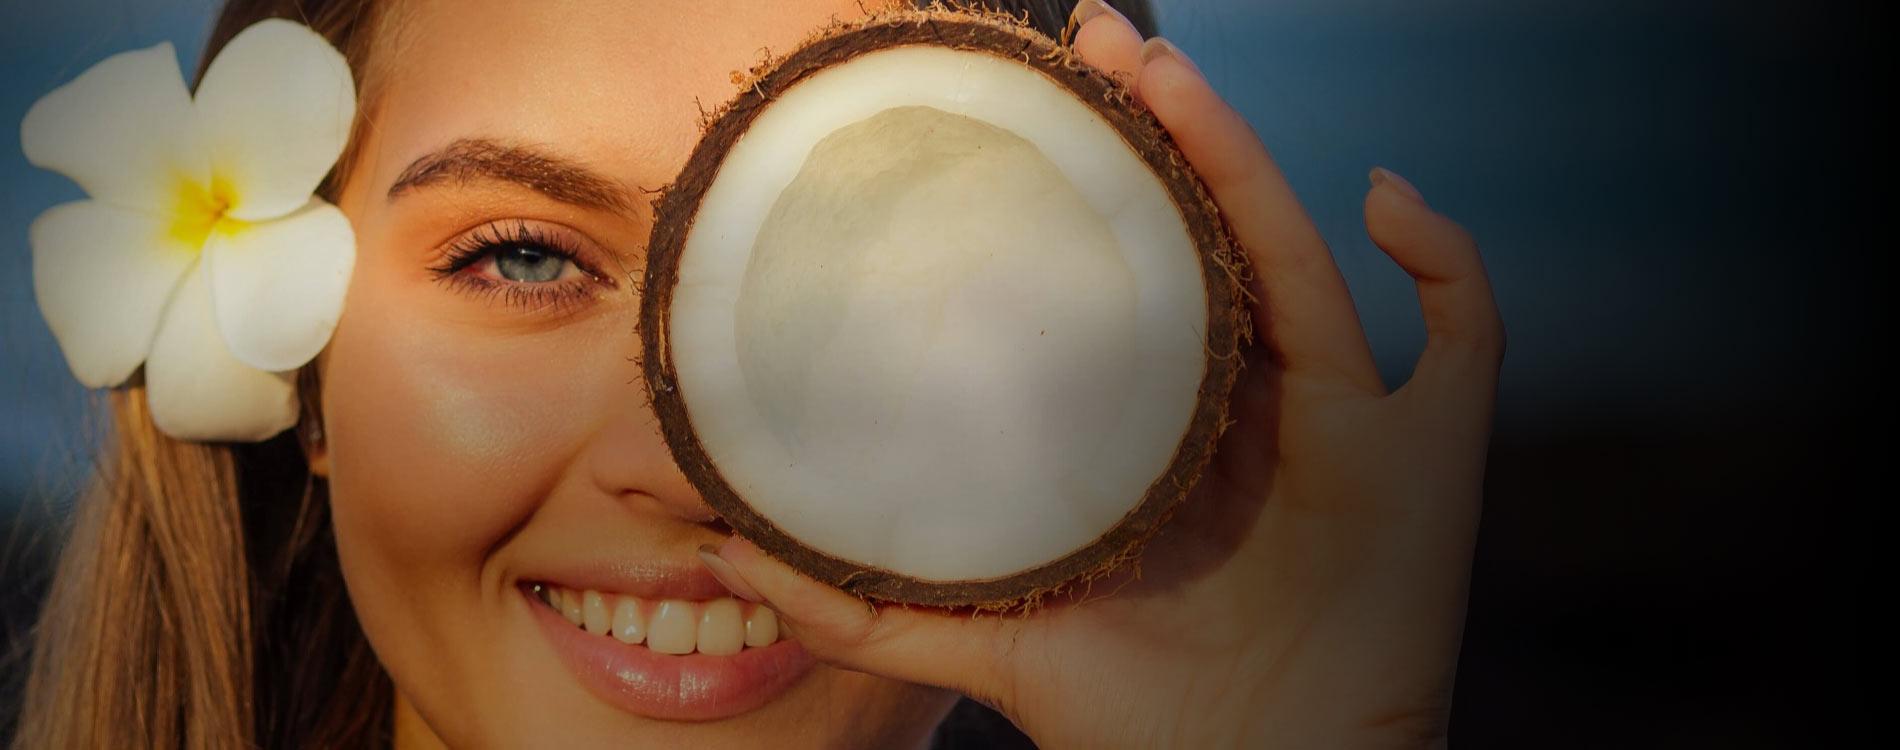 Öffnen Sie ein Glas Kokosöl mit geschlossenen Augen und schnuppern Sie den Duft von Sonne, Strand und Palmen